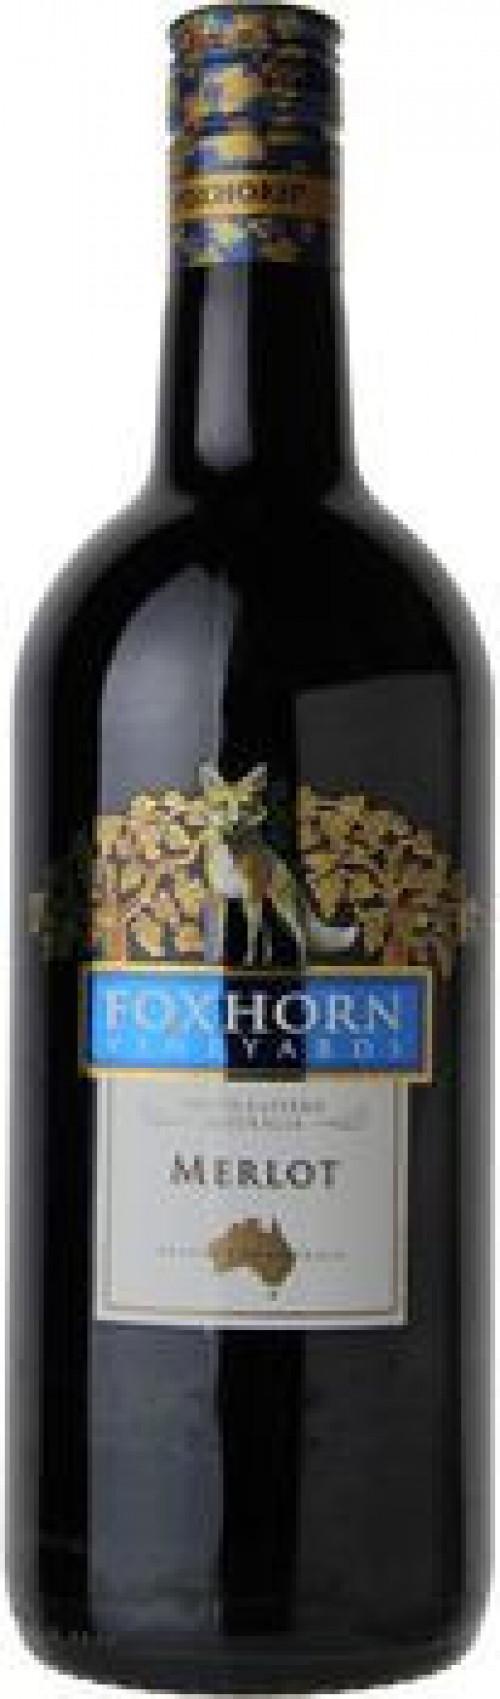 Foxhorn Merlot 1.5 Ltr